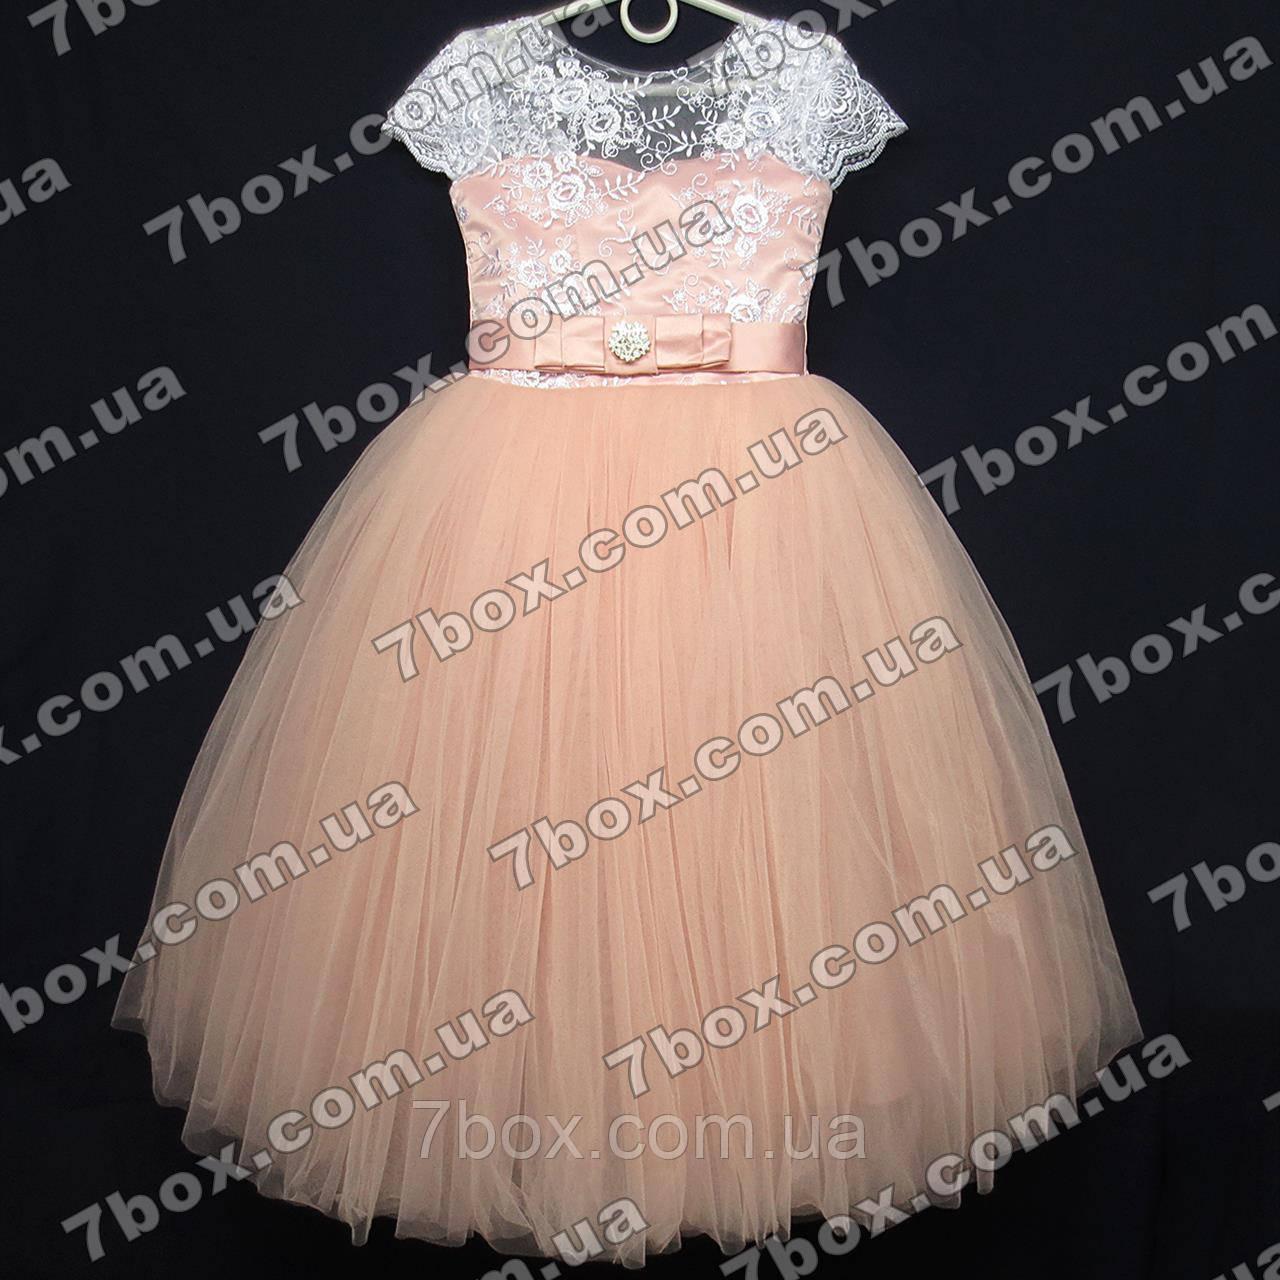 Детское нарядное платье бальное Грация (персиковое) Возраст 6 лет.